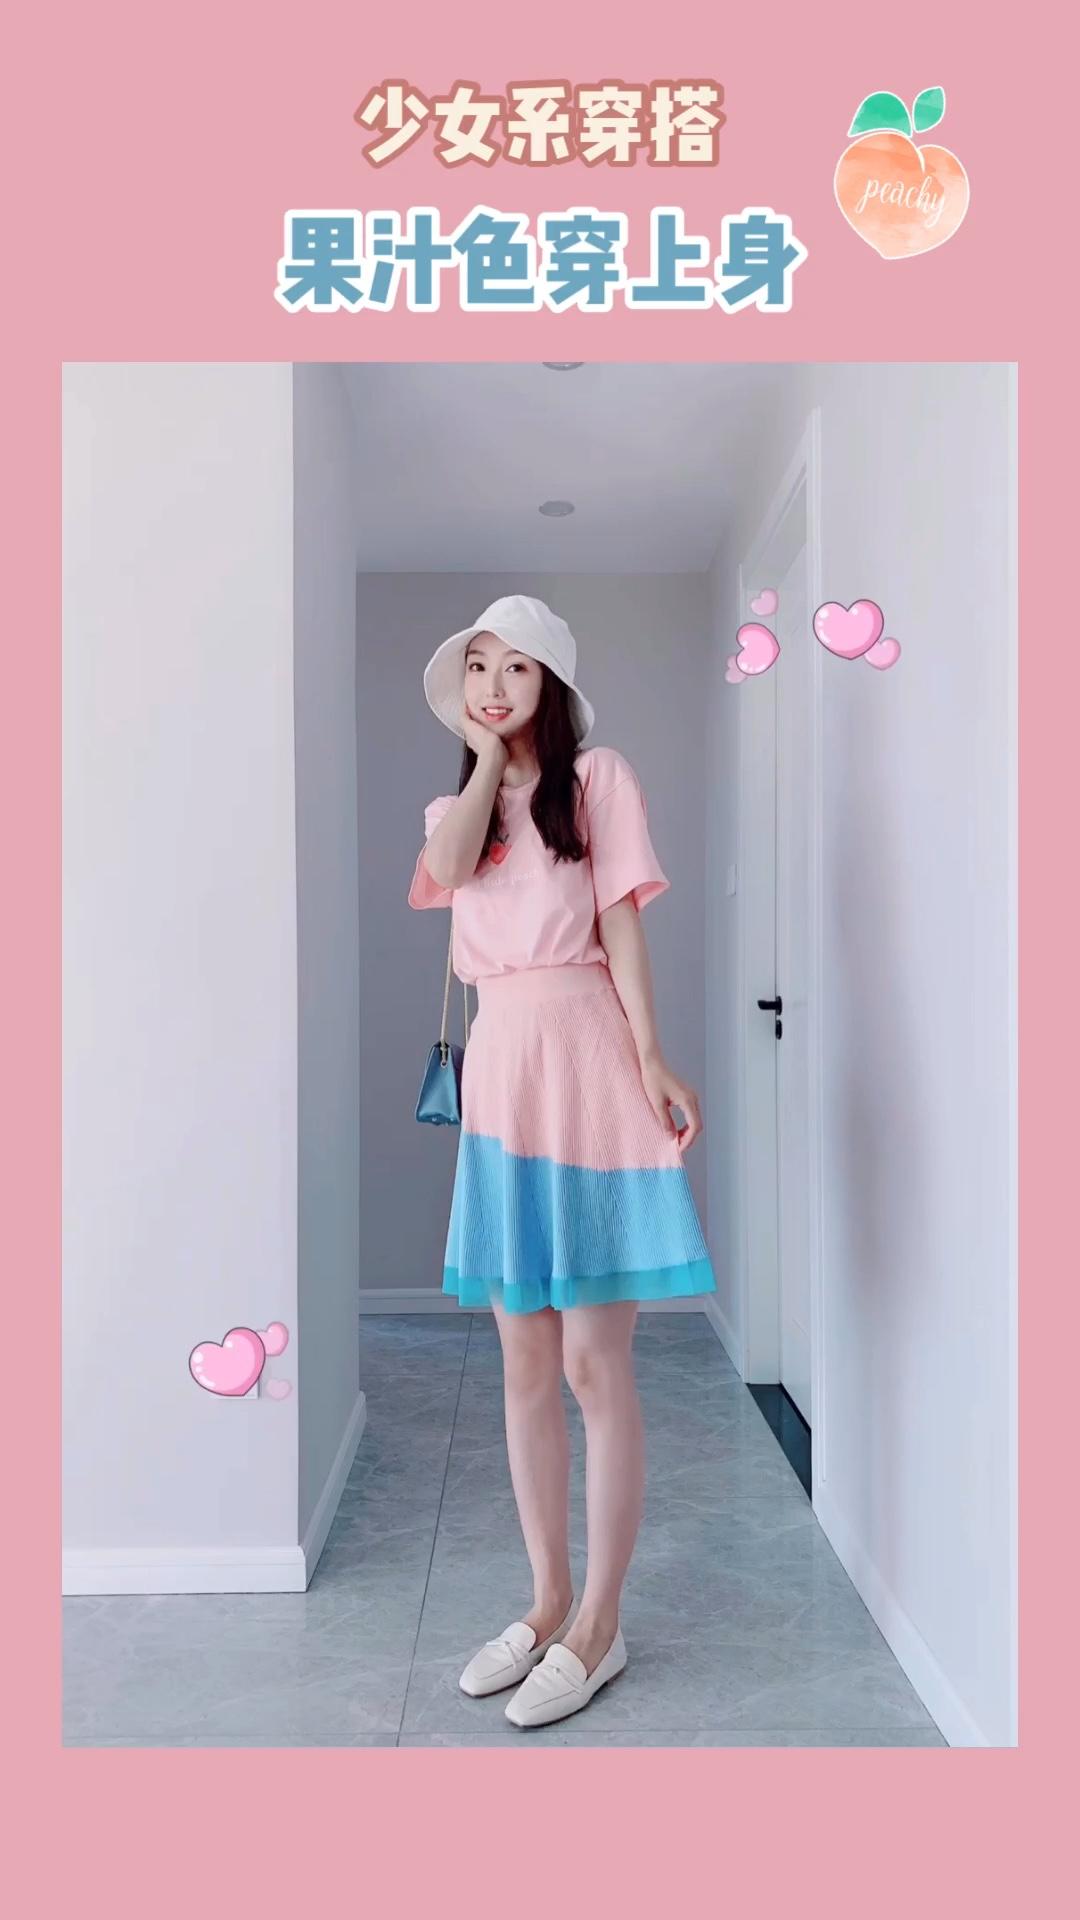 #夏日果汁色穿搭大赛# 小棍穿搭 今天这套蜜桃少女的穿搭,果汁色超级适合夏天。 为了呼应服装的颜色,搭配了白色的渔夫帽和白色的平底鞋,蓝色的小包包。这套超级减龄斩男穿搭